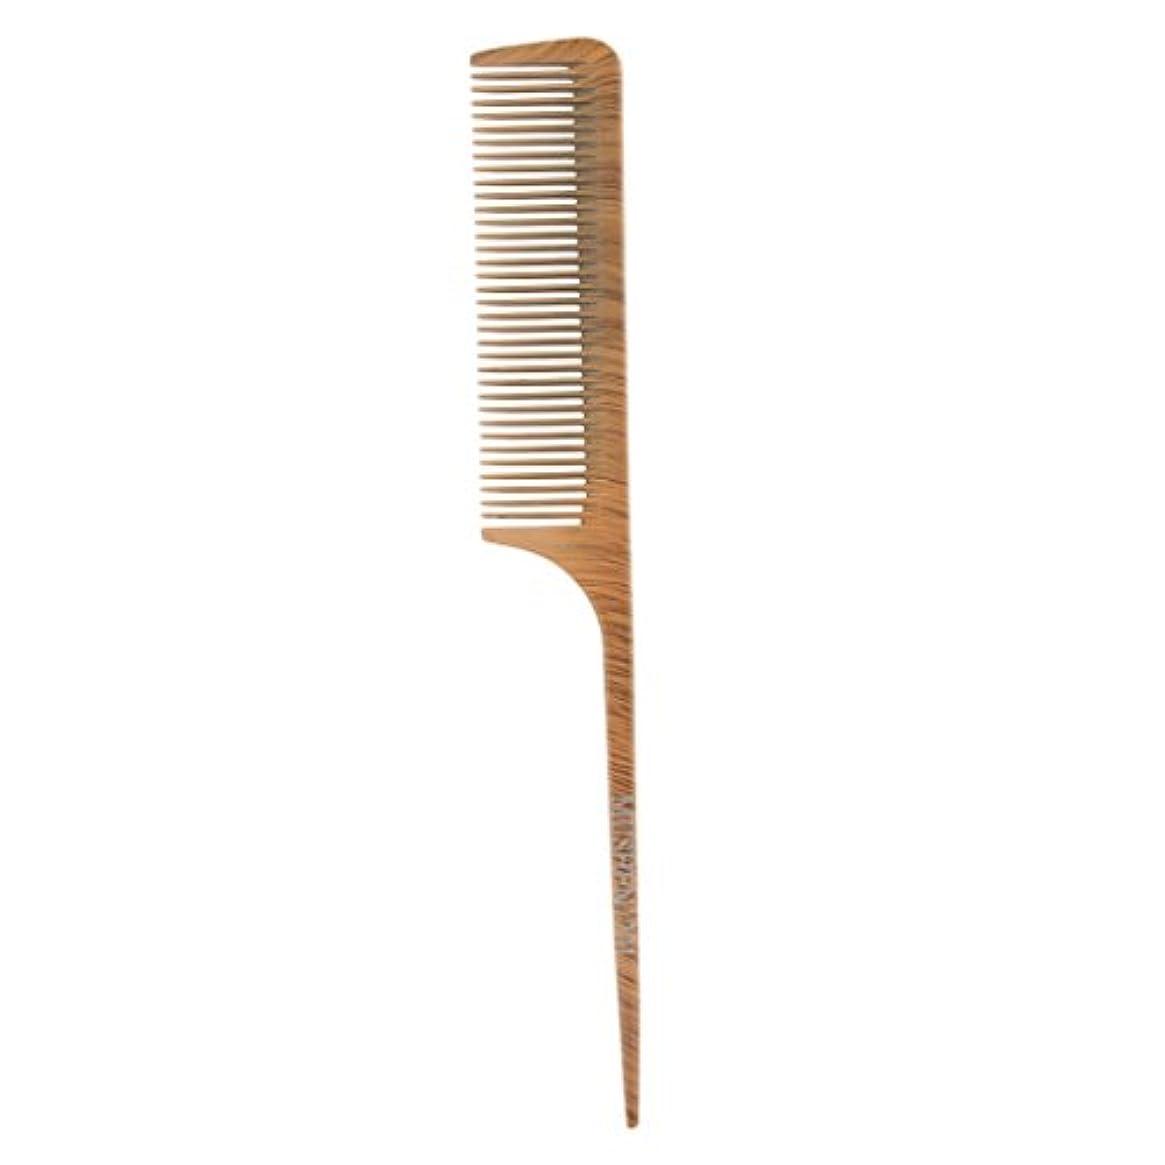 葉を集める非互換不適切なKesoto ヘアコーム ヘアブラシ ヘアカットコーム ウッド 帯電防止 サロン 理髪師 ヘアケア 4タイプ選べる - 1201